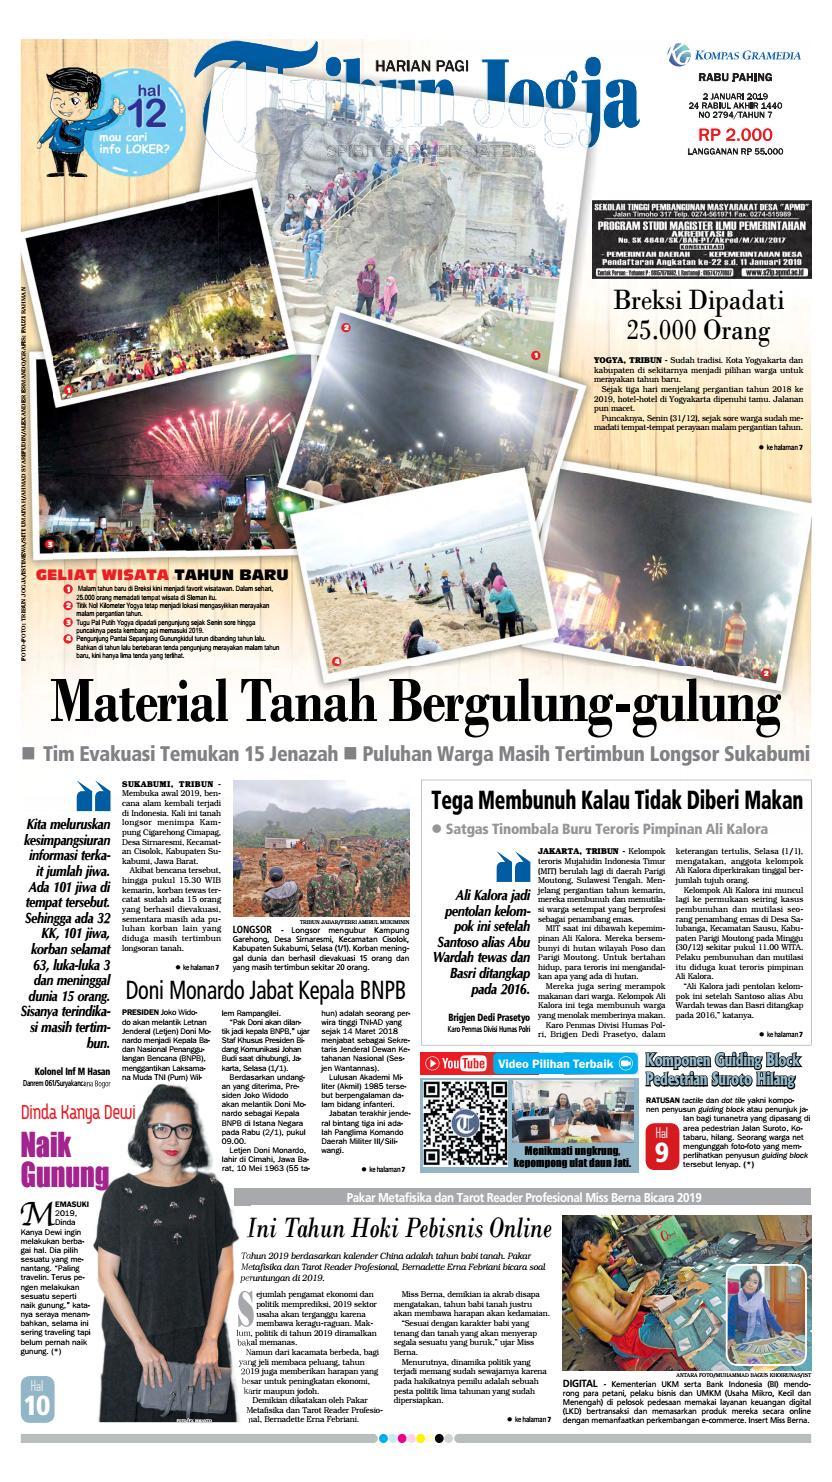 7cfa9d57f2b3 Tribun Jogja 02-01-2019 by tribun jogja - issuu